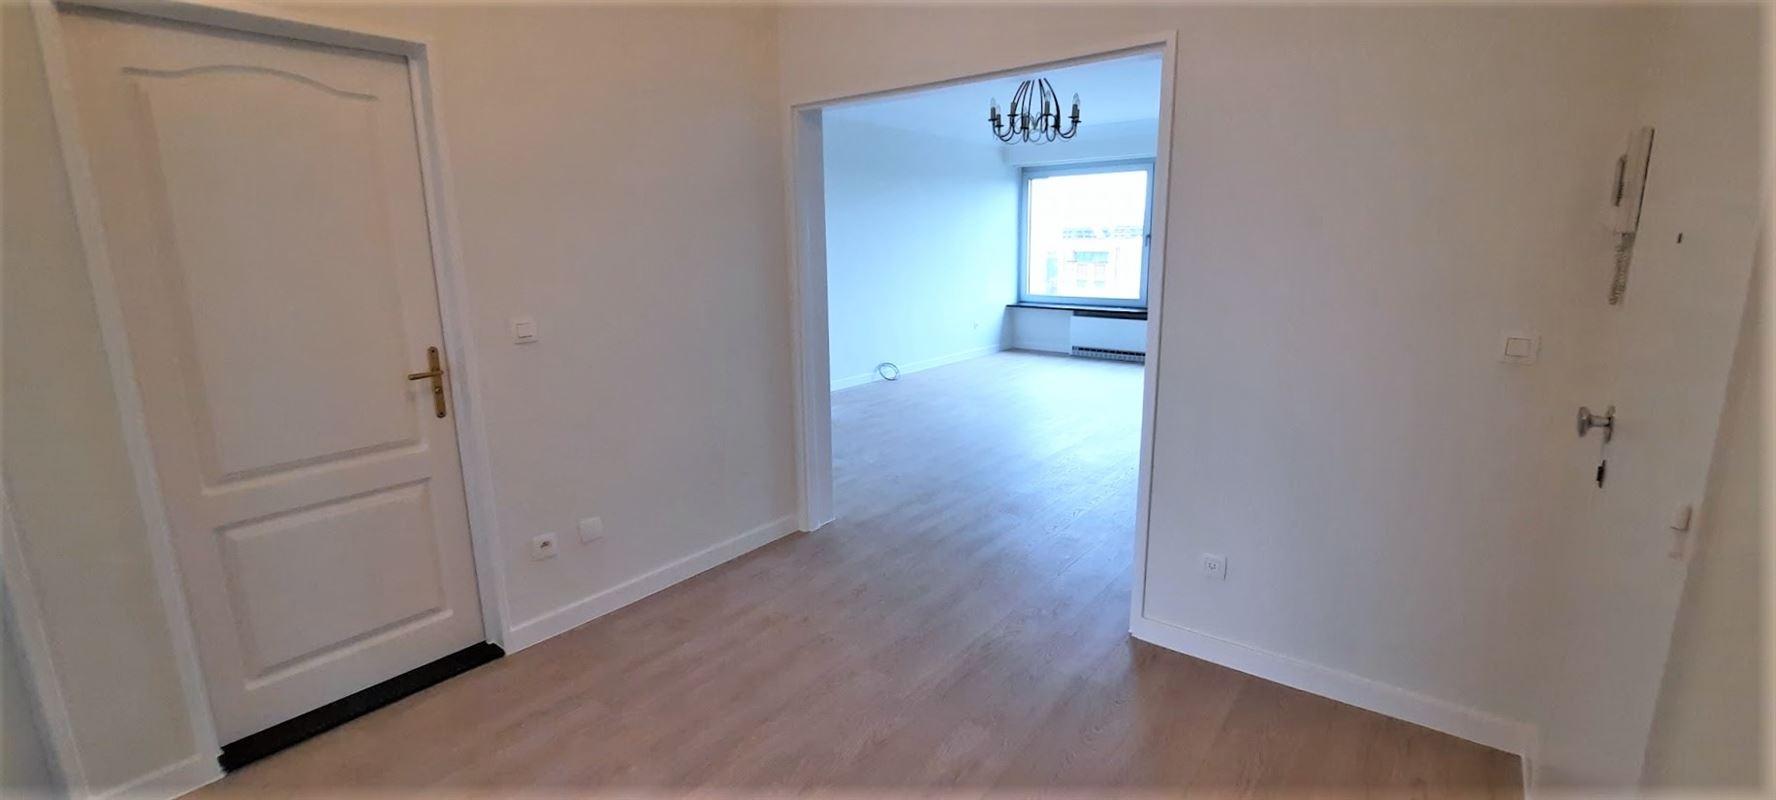 Foto 3 : Appartement te 2050 ANTWERPEN (België) - Prijs € 870